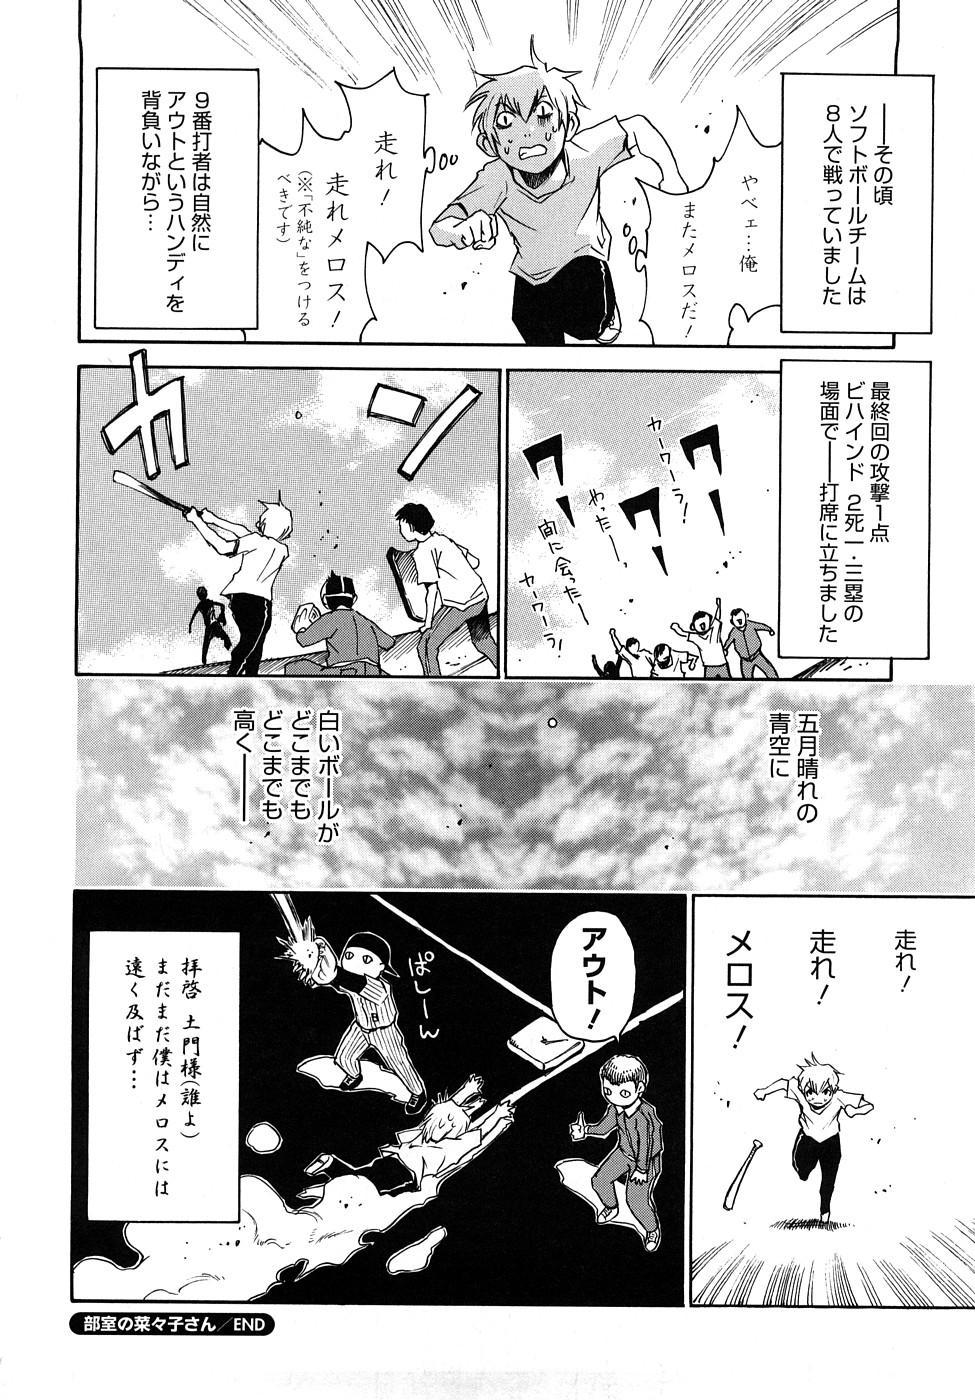 Nanako-san Teki na Nichijou RE 199